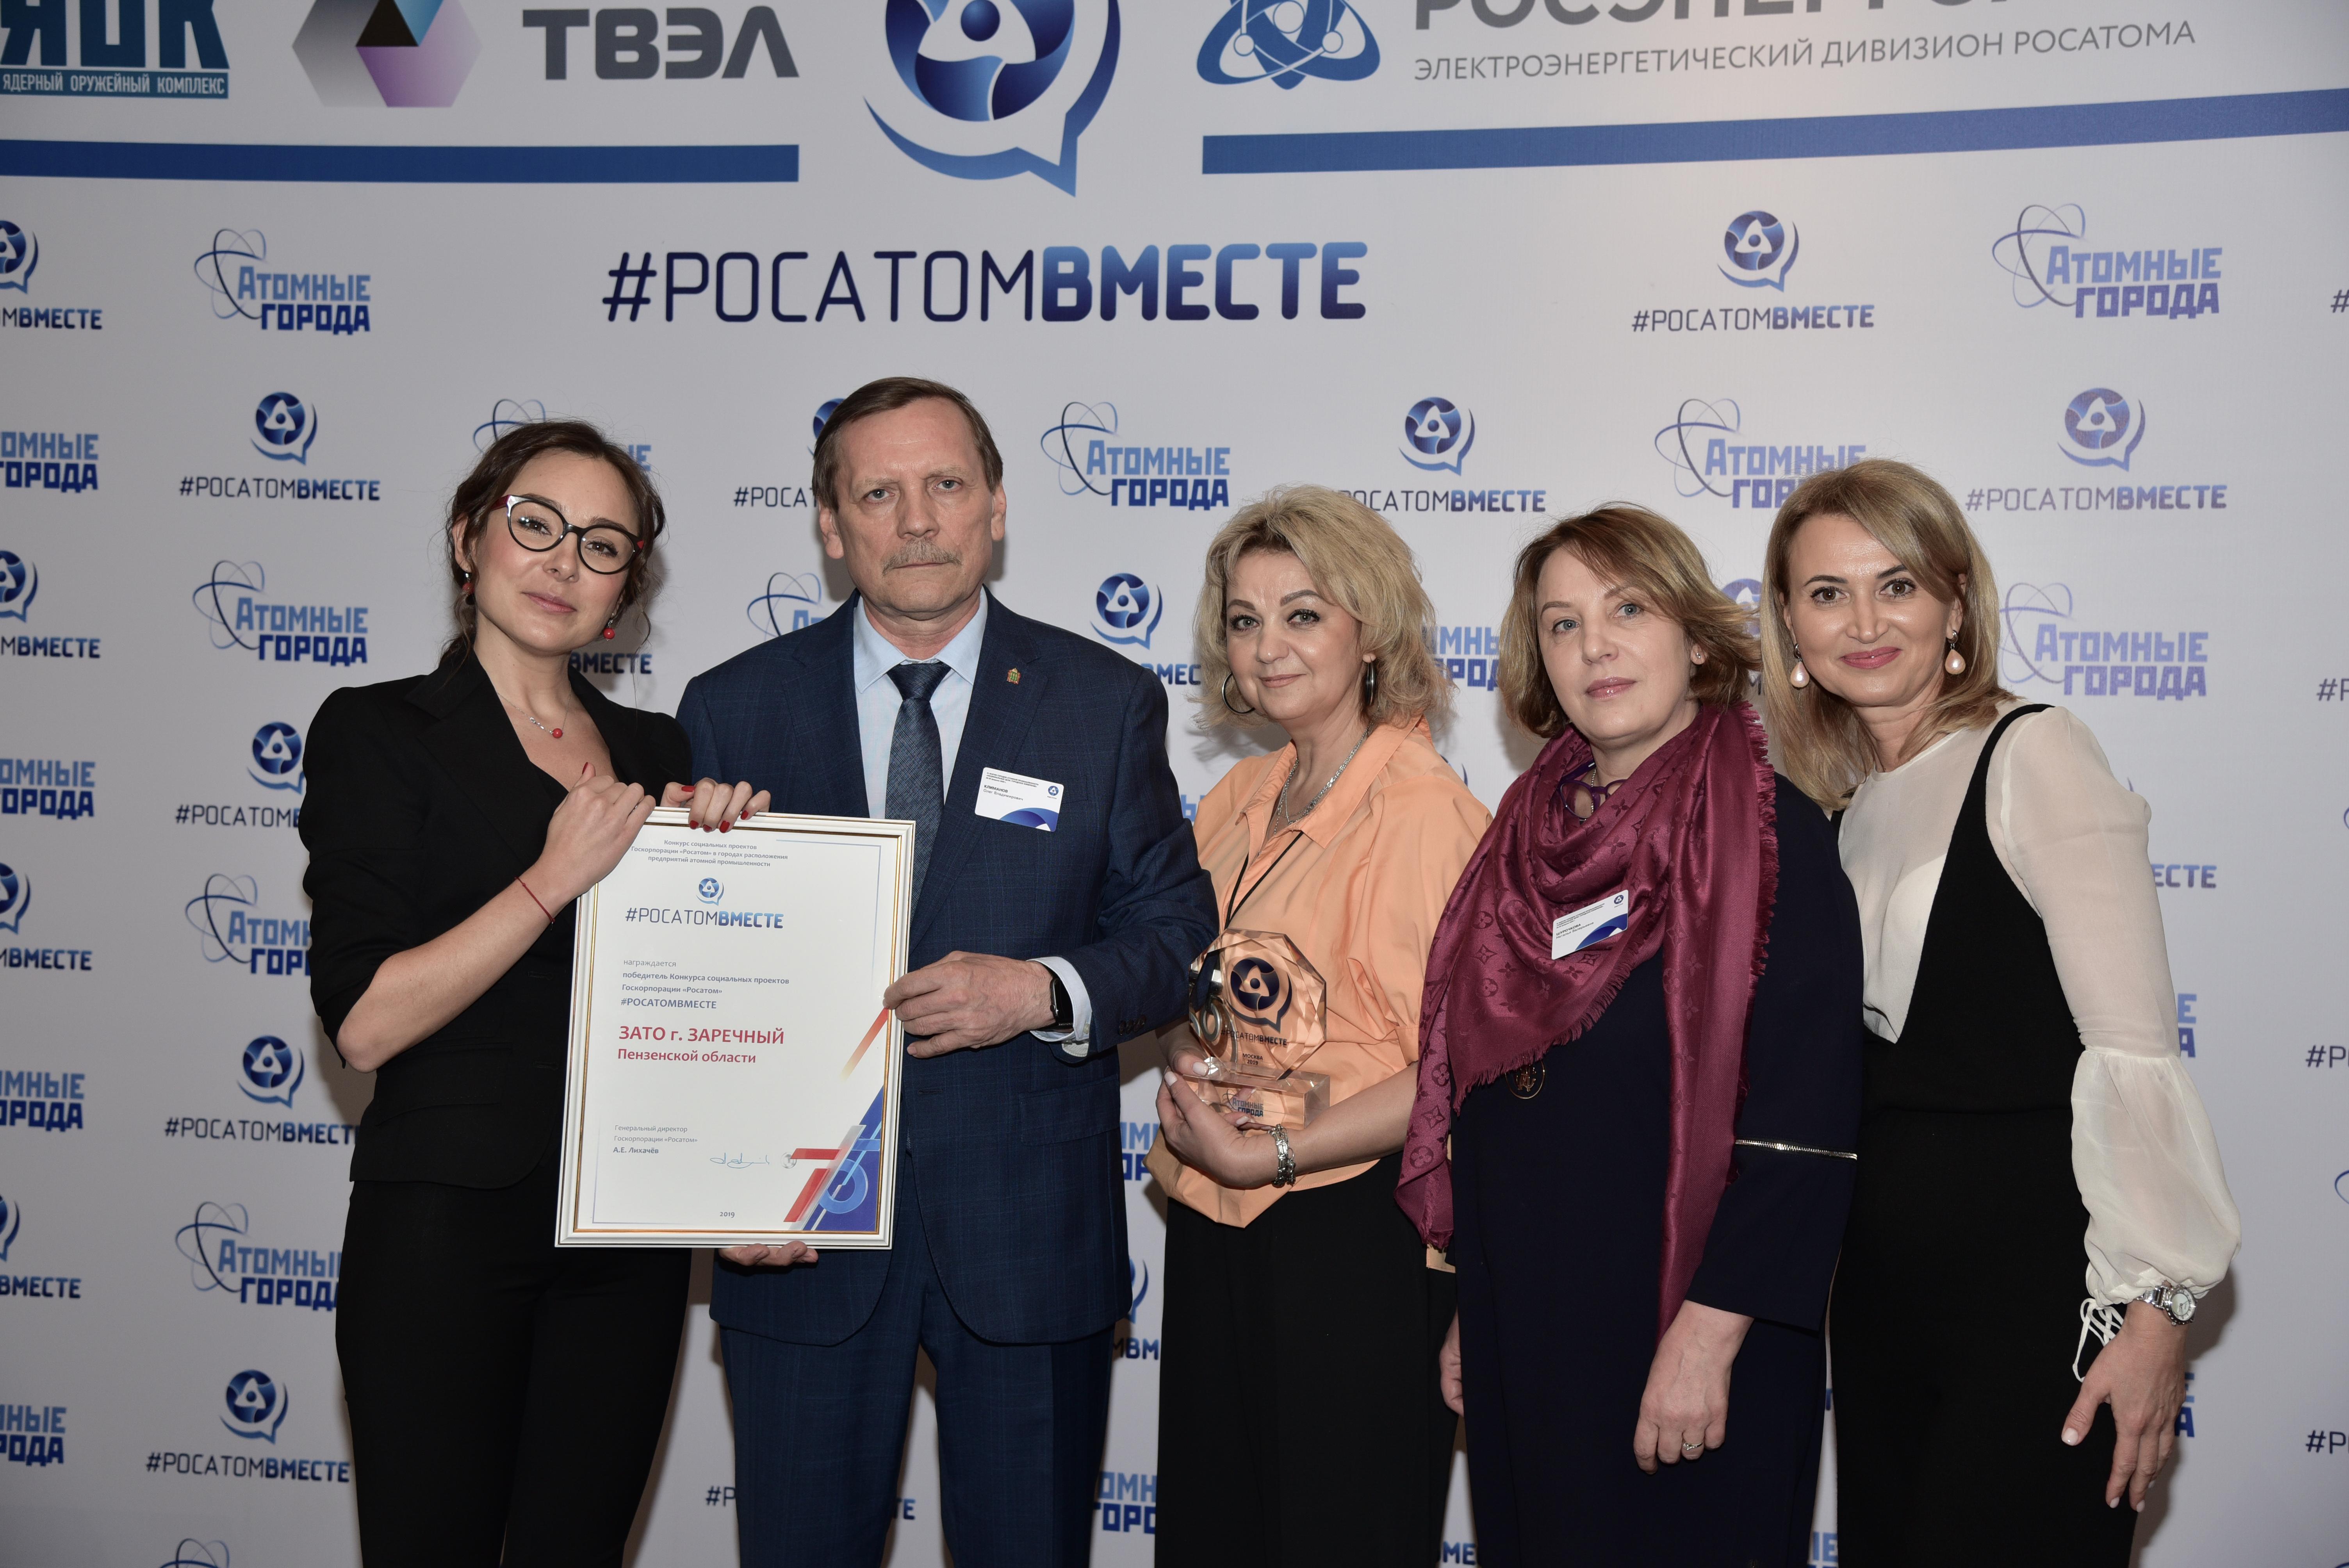 Победители конкурса социальных проектов «#РОСАТОМВМЕСТЕ» в 2019 году: